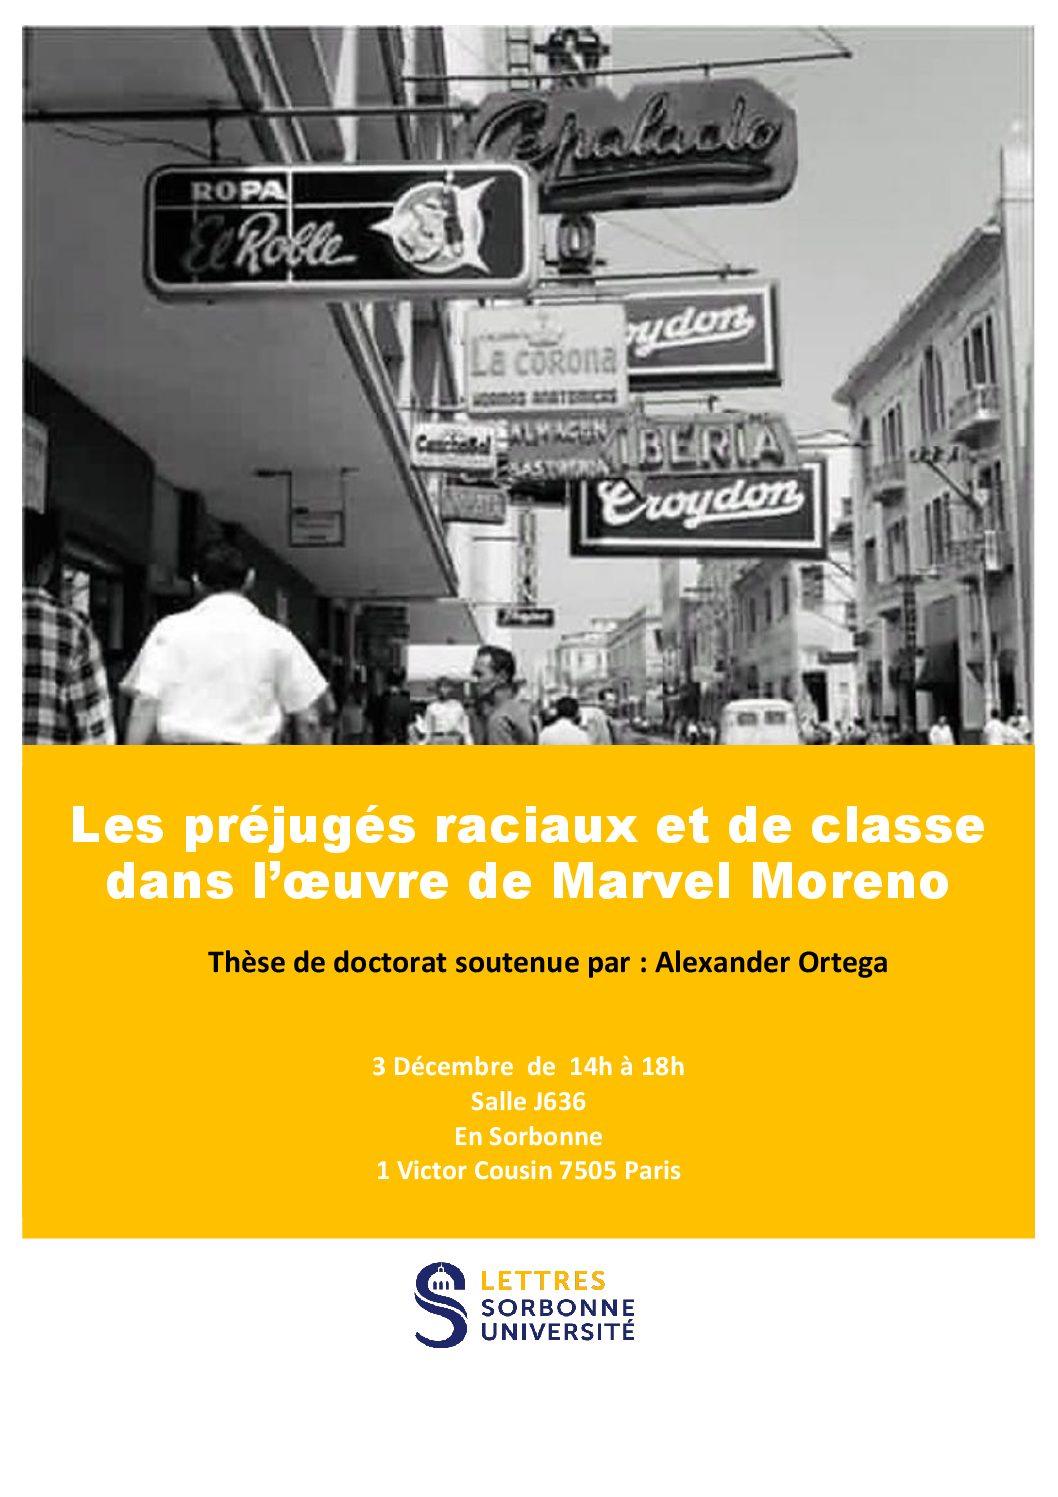 Les préjugés raciaux et de classe dans l'œuvre de Marvel Moreno